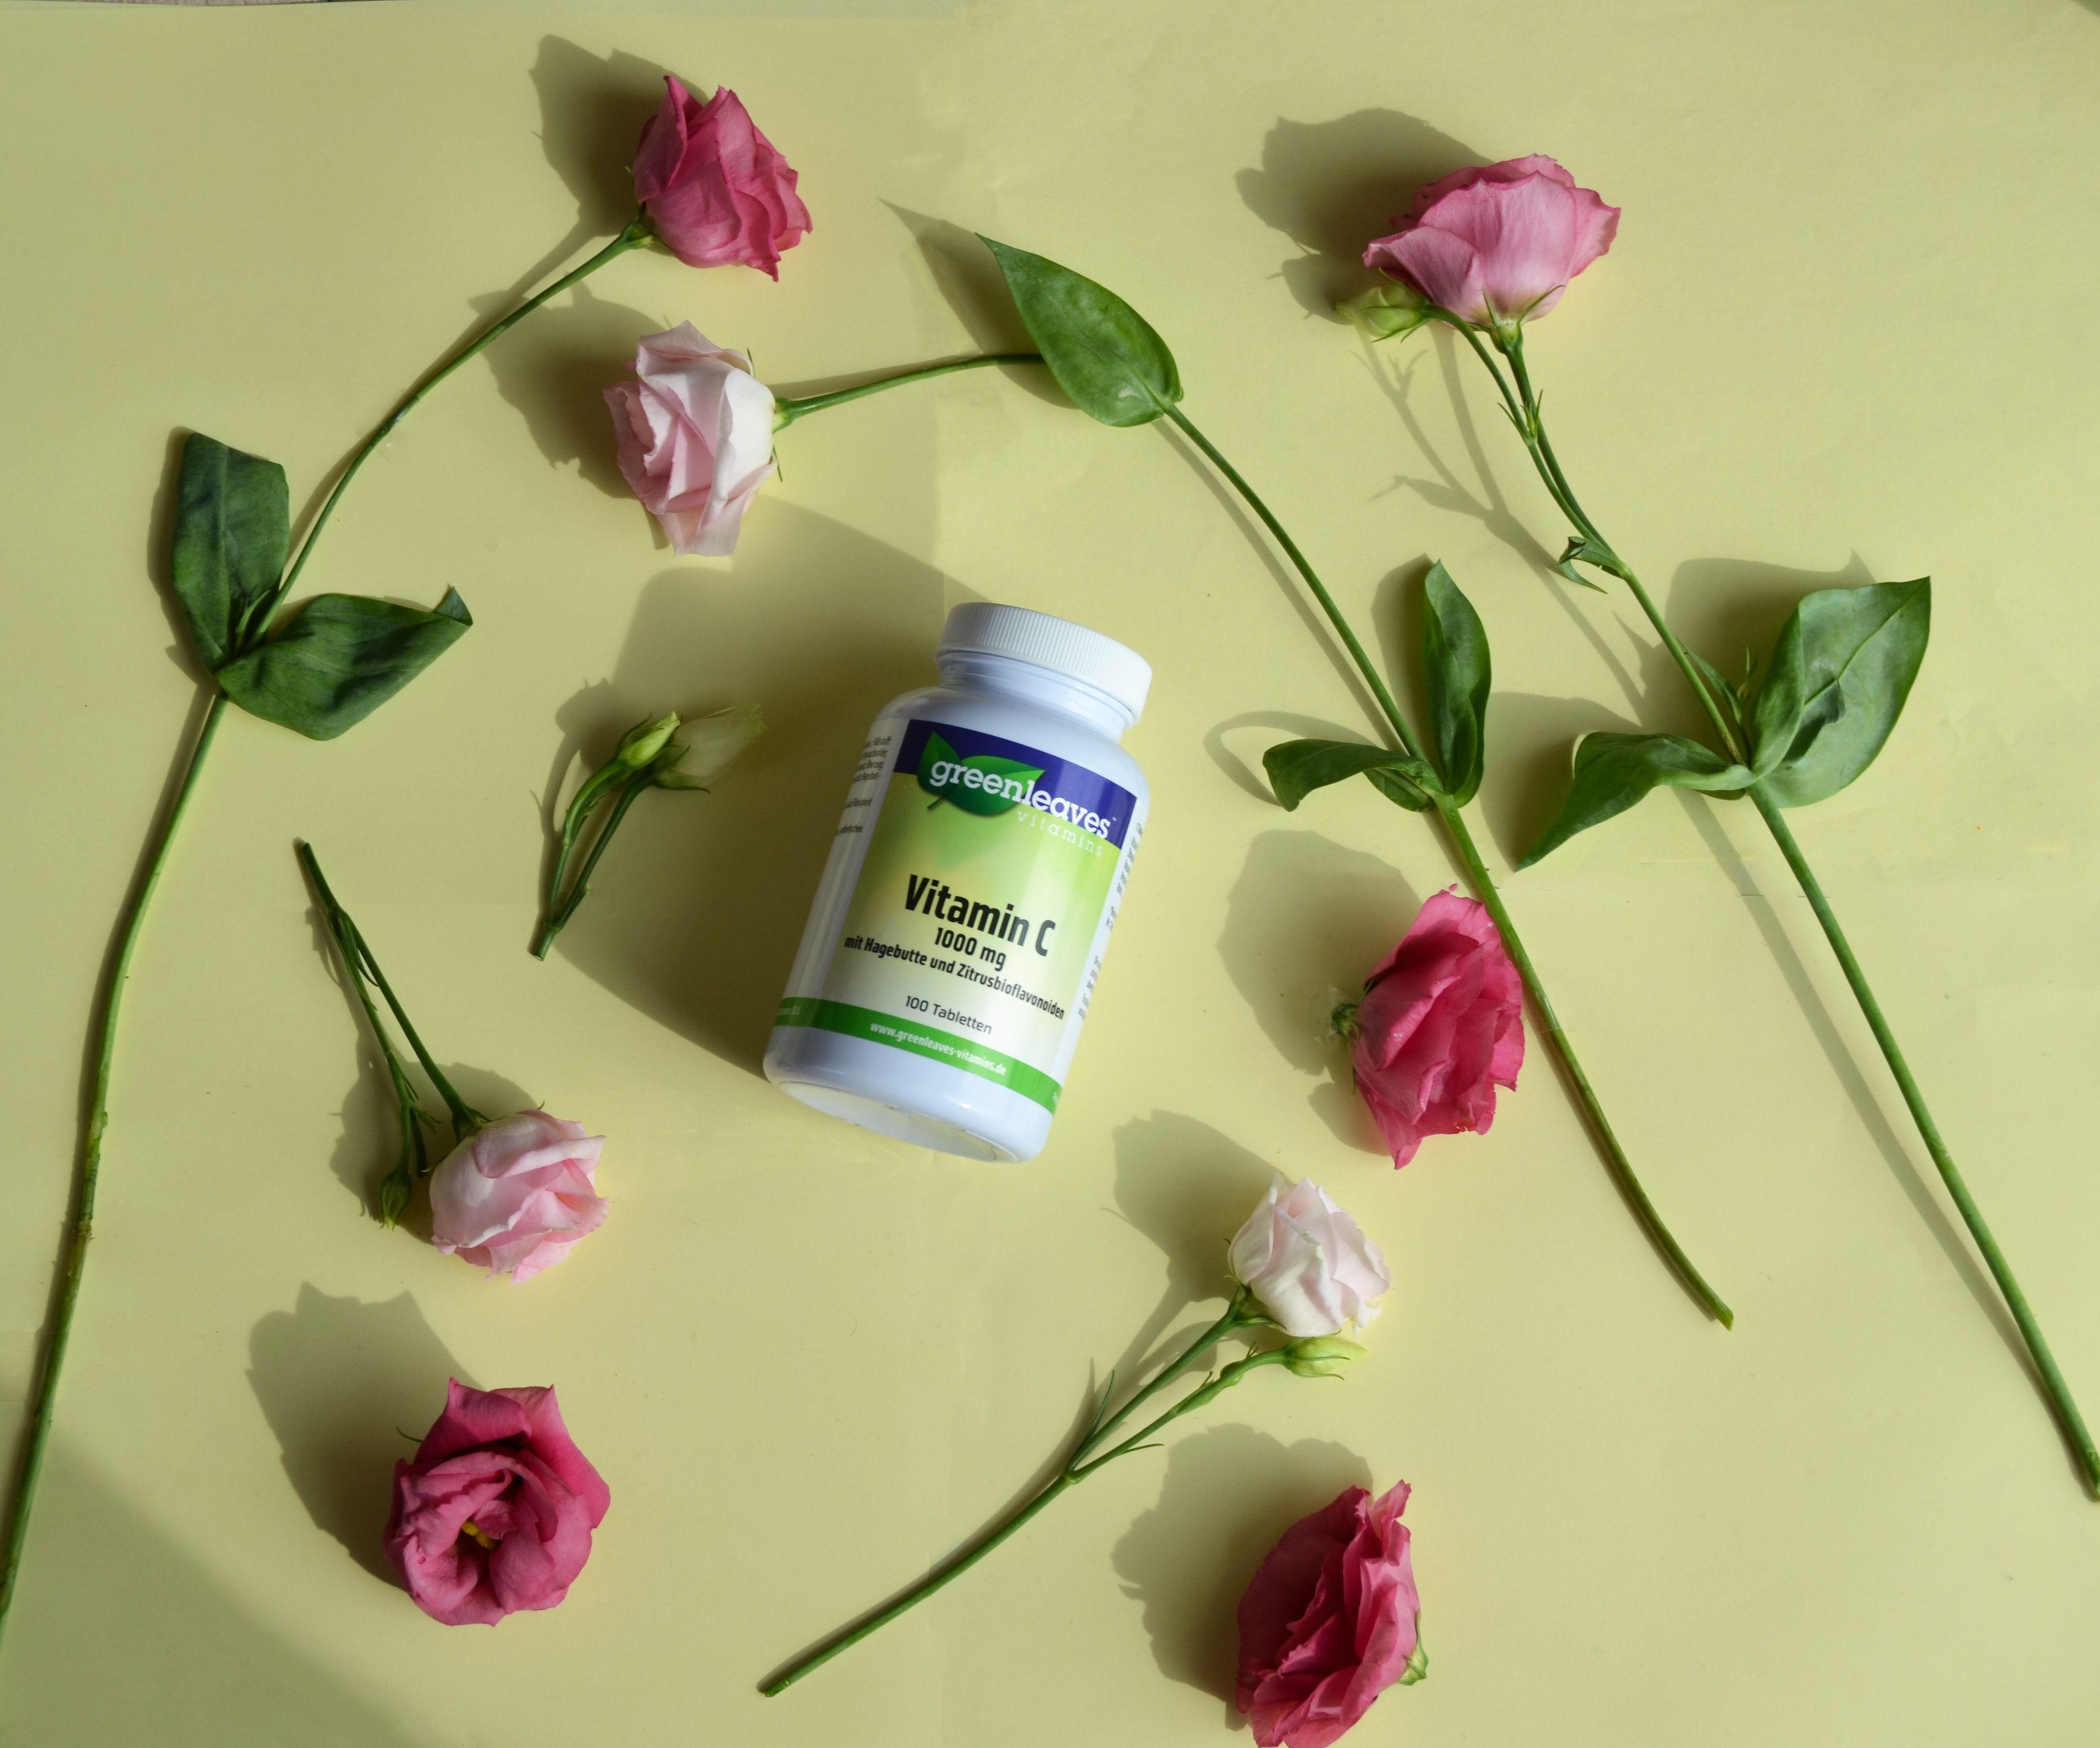 Vitamin C mit Hagebutte und Zitrusbioflavonoiden. Die